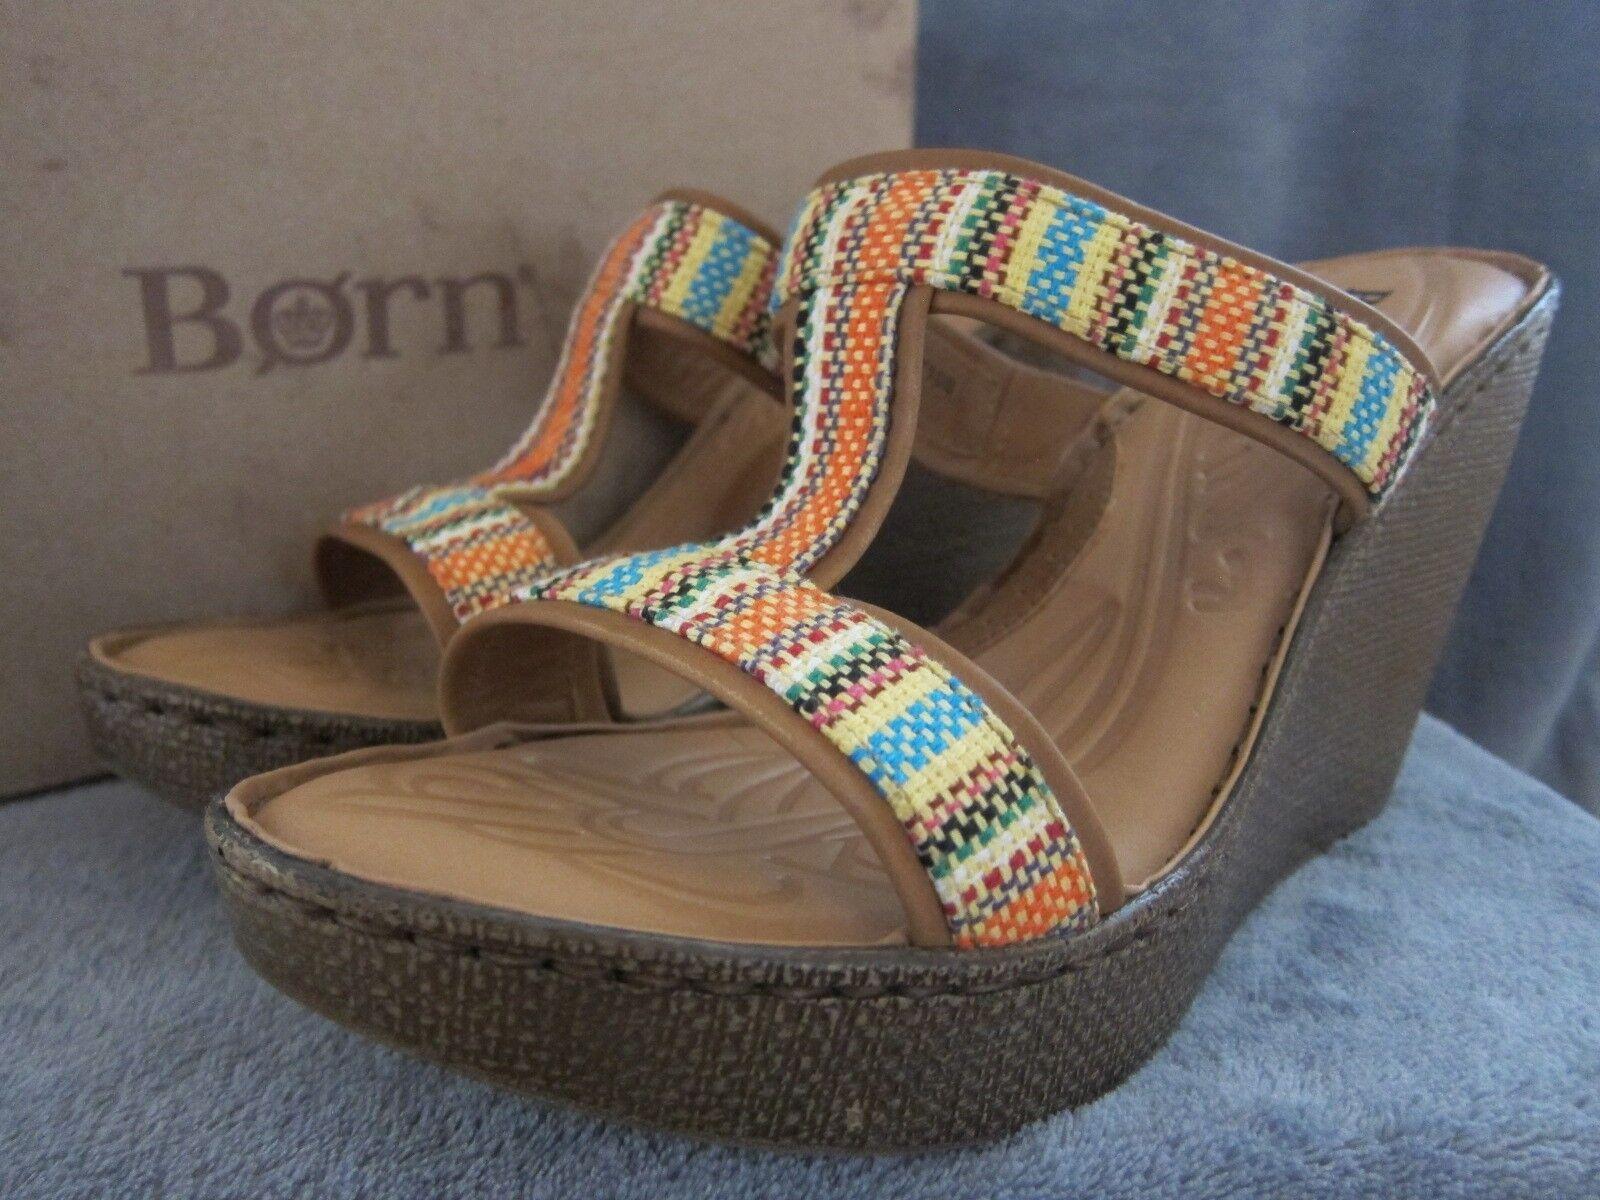 Born Born Born B67108 pantalón Lio naranja aztecas cuña de plataforma sandalias Zapatos EE. UU. 9 M EUR 40.5 Nuevo Con Caja  tienda de venta